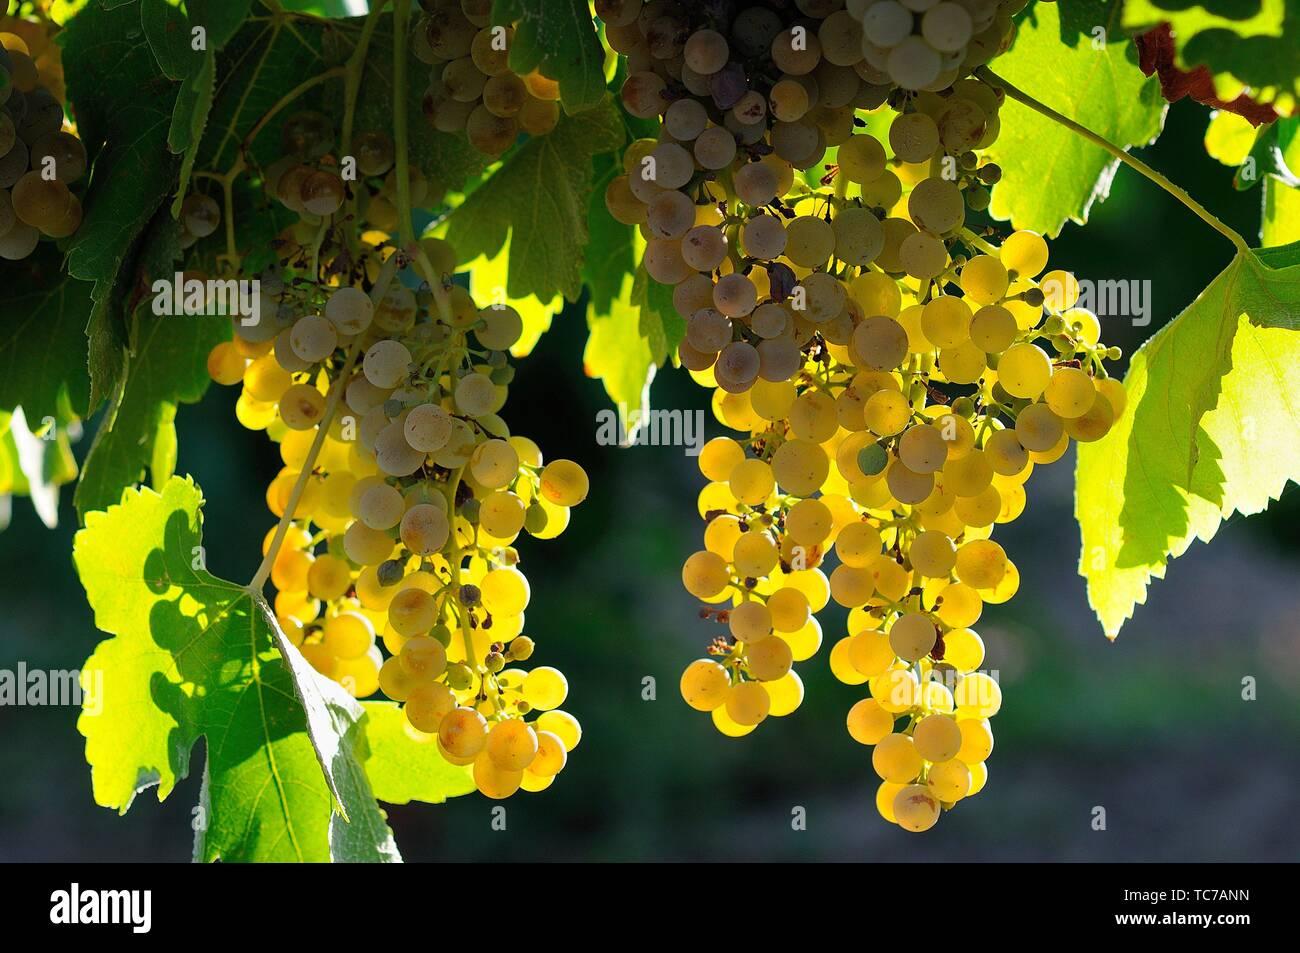 Grappolo di uva. La denominazione di origine di Ribera del Guadiana. Tierra de Barros. Provincia di Badajoz. Extremadura. Spagna Immagini Stock